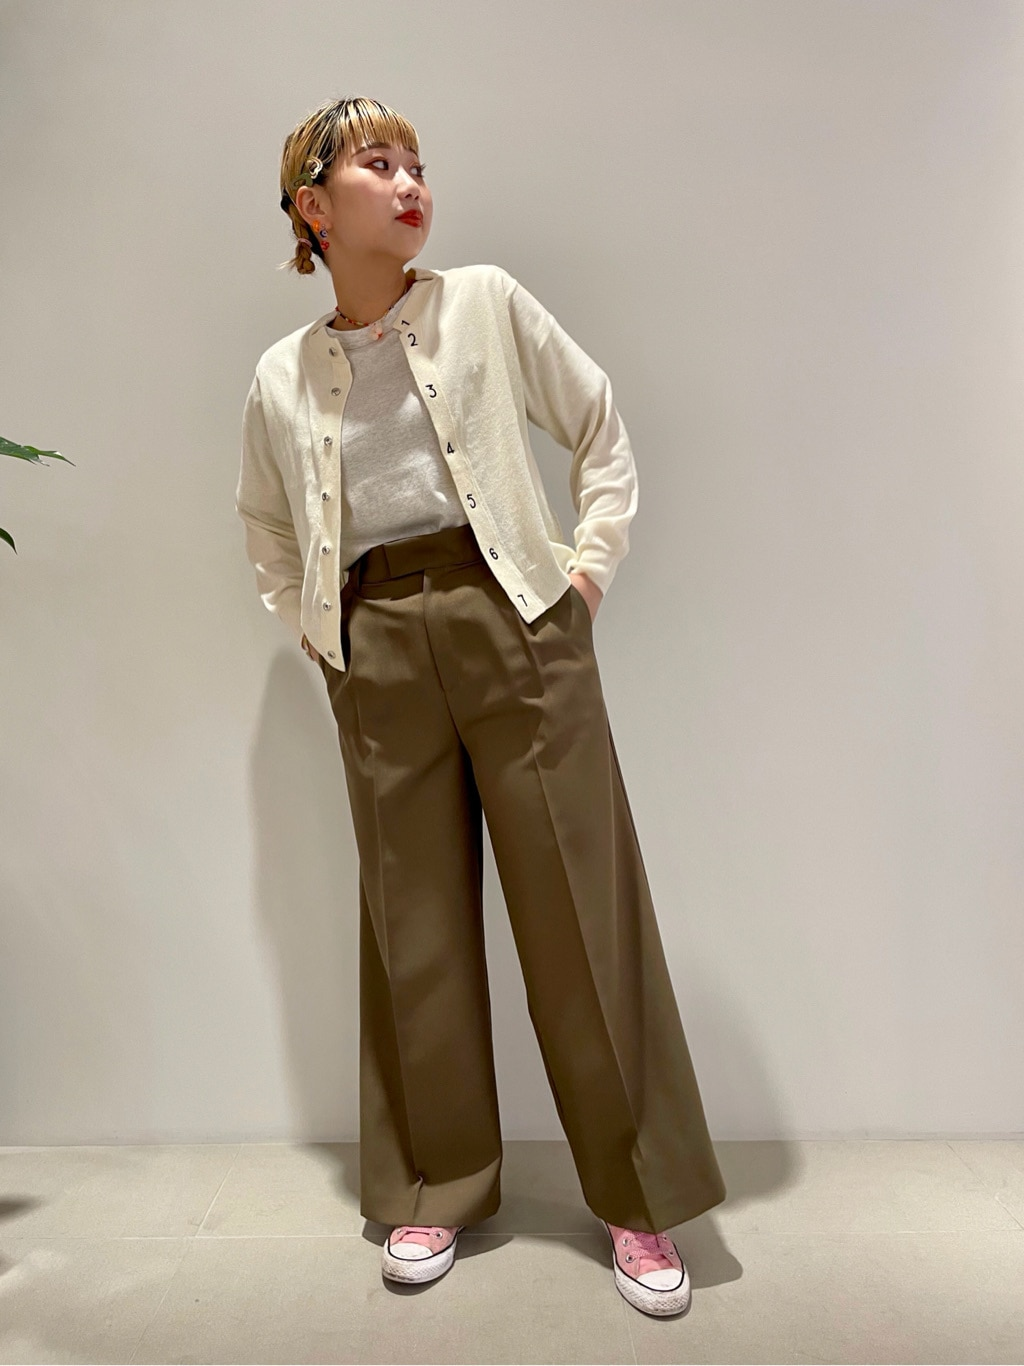 l'atelier du savon 二子玉川ライズ 身長:158cm 2021.06.04